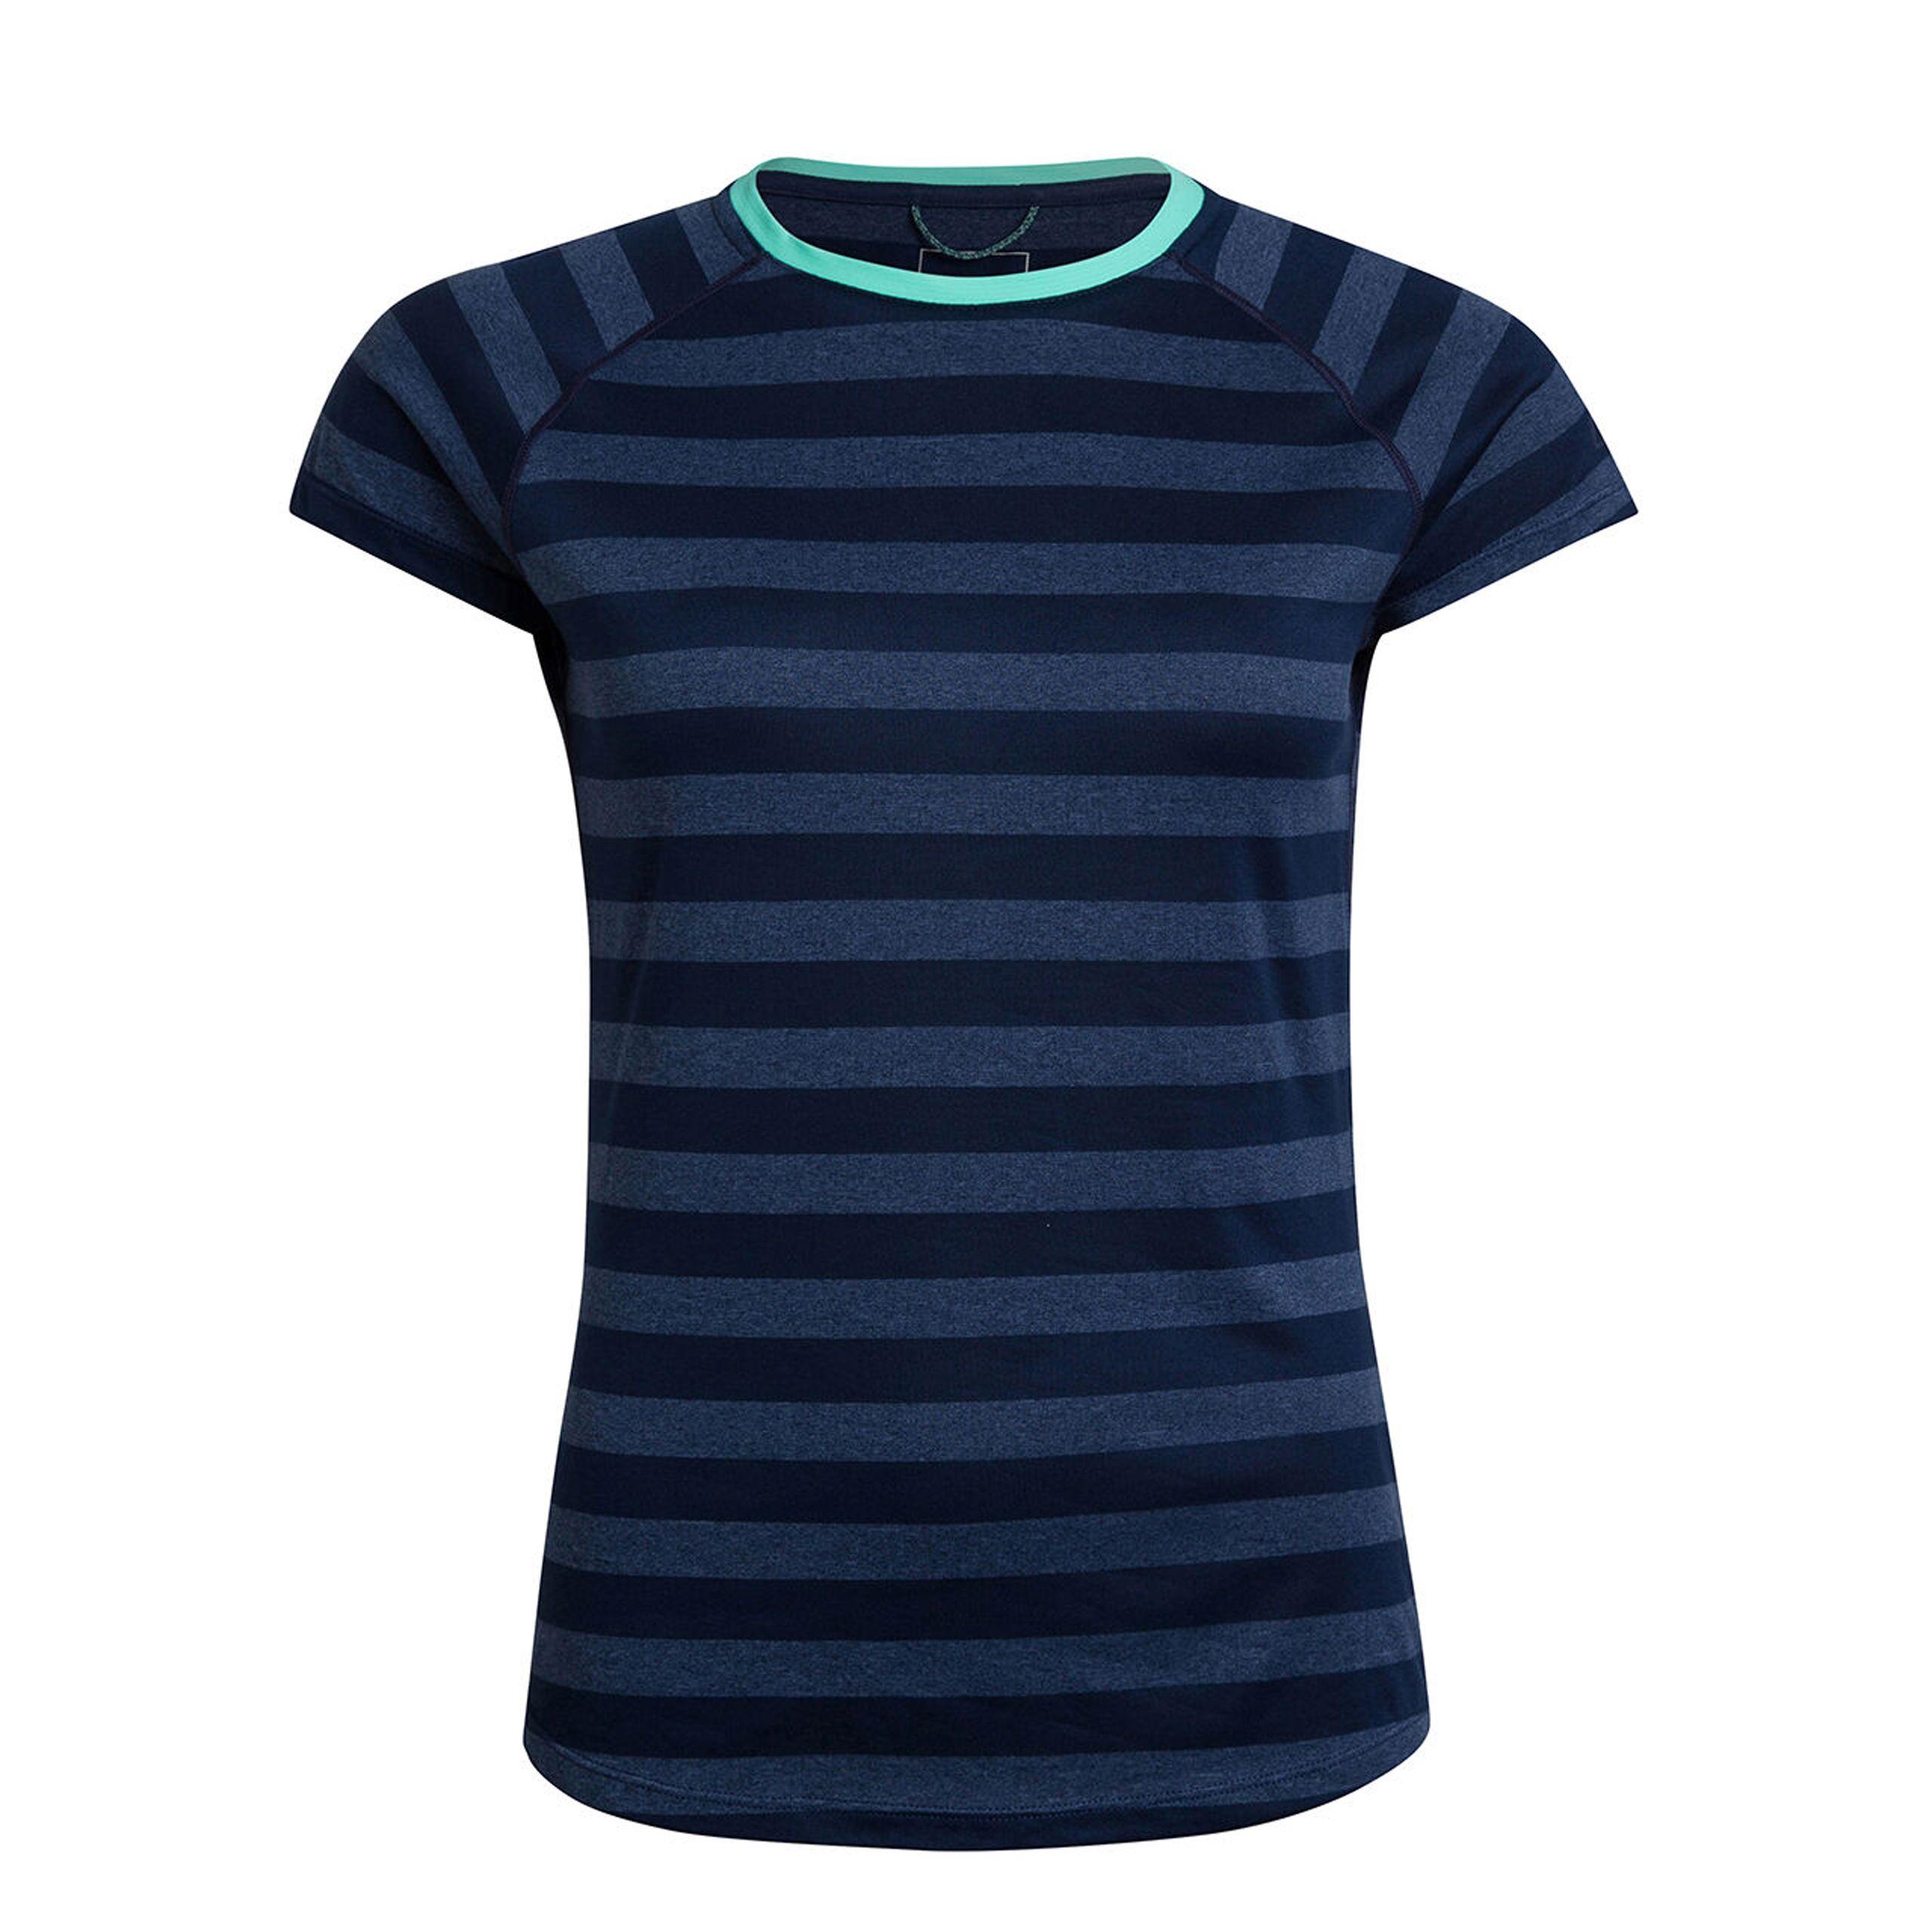 Berghaus Womens Stripe Technical Short Sleeve T-shirt 2.0